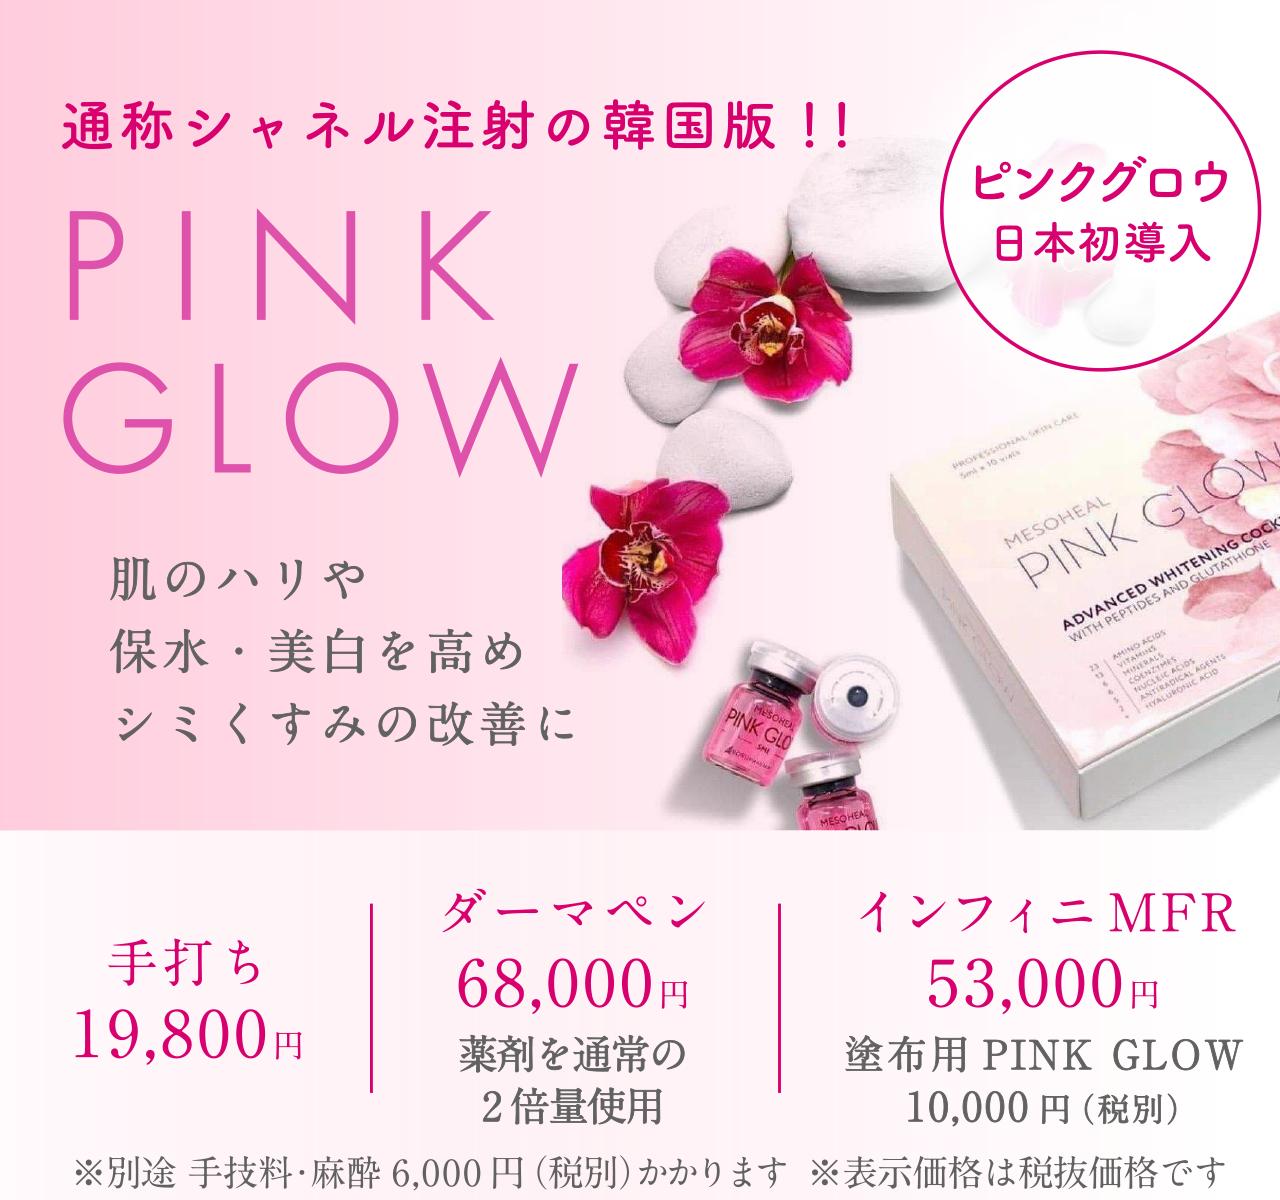 ピンクグロウ日本初導入。シャネル注射の韓国版